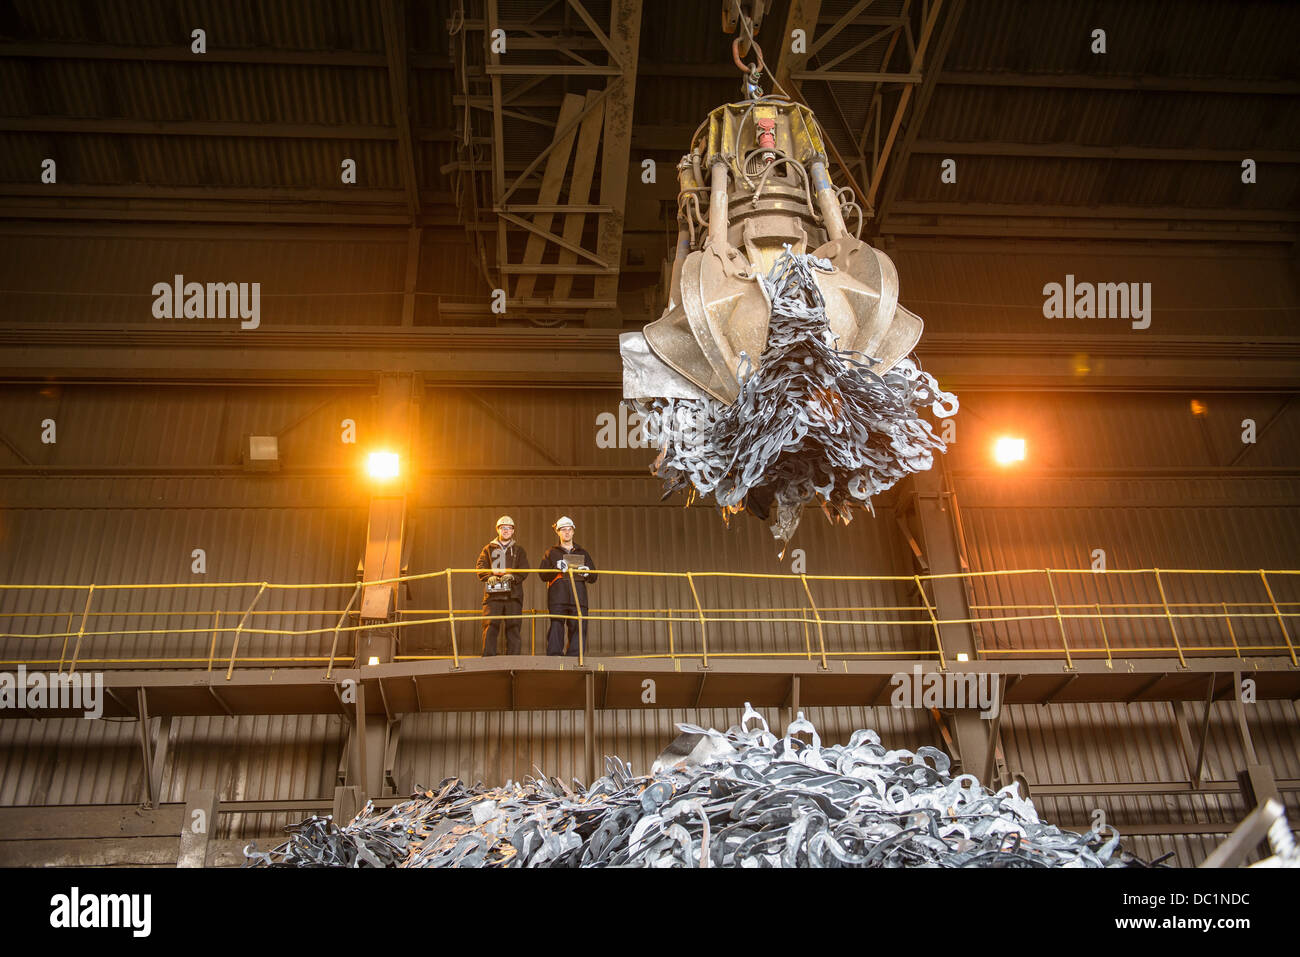 Stahlarbeiter beobachtete mechanische Greifer in Stahlgießerei Stockbild